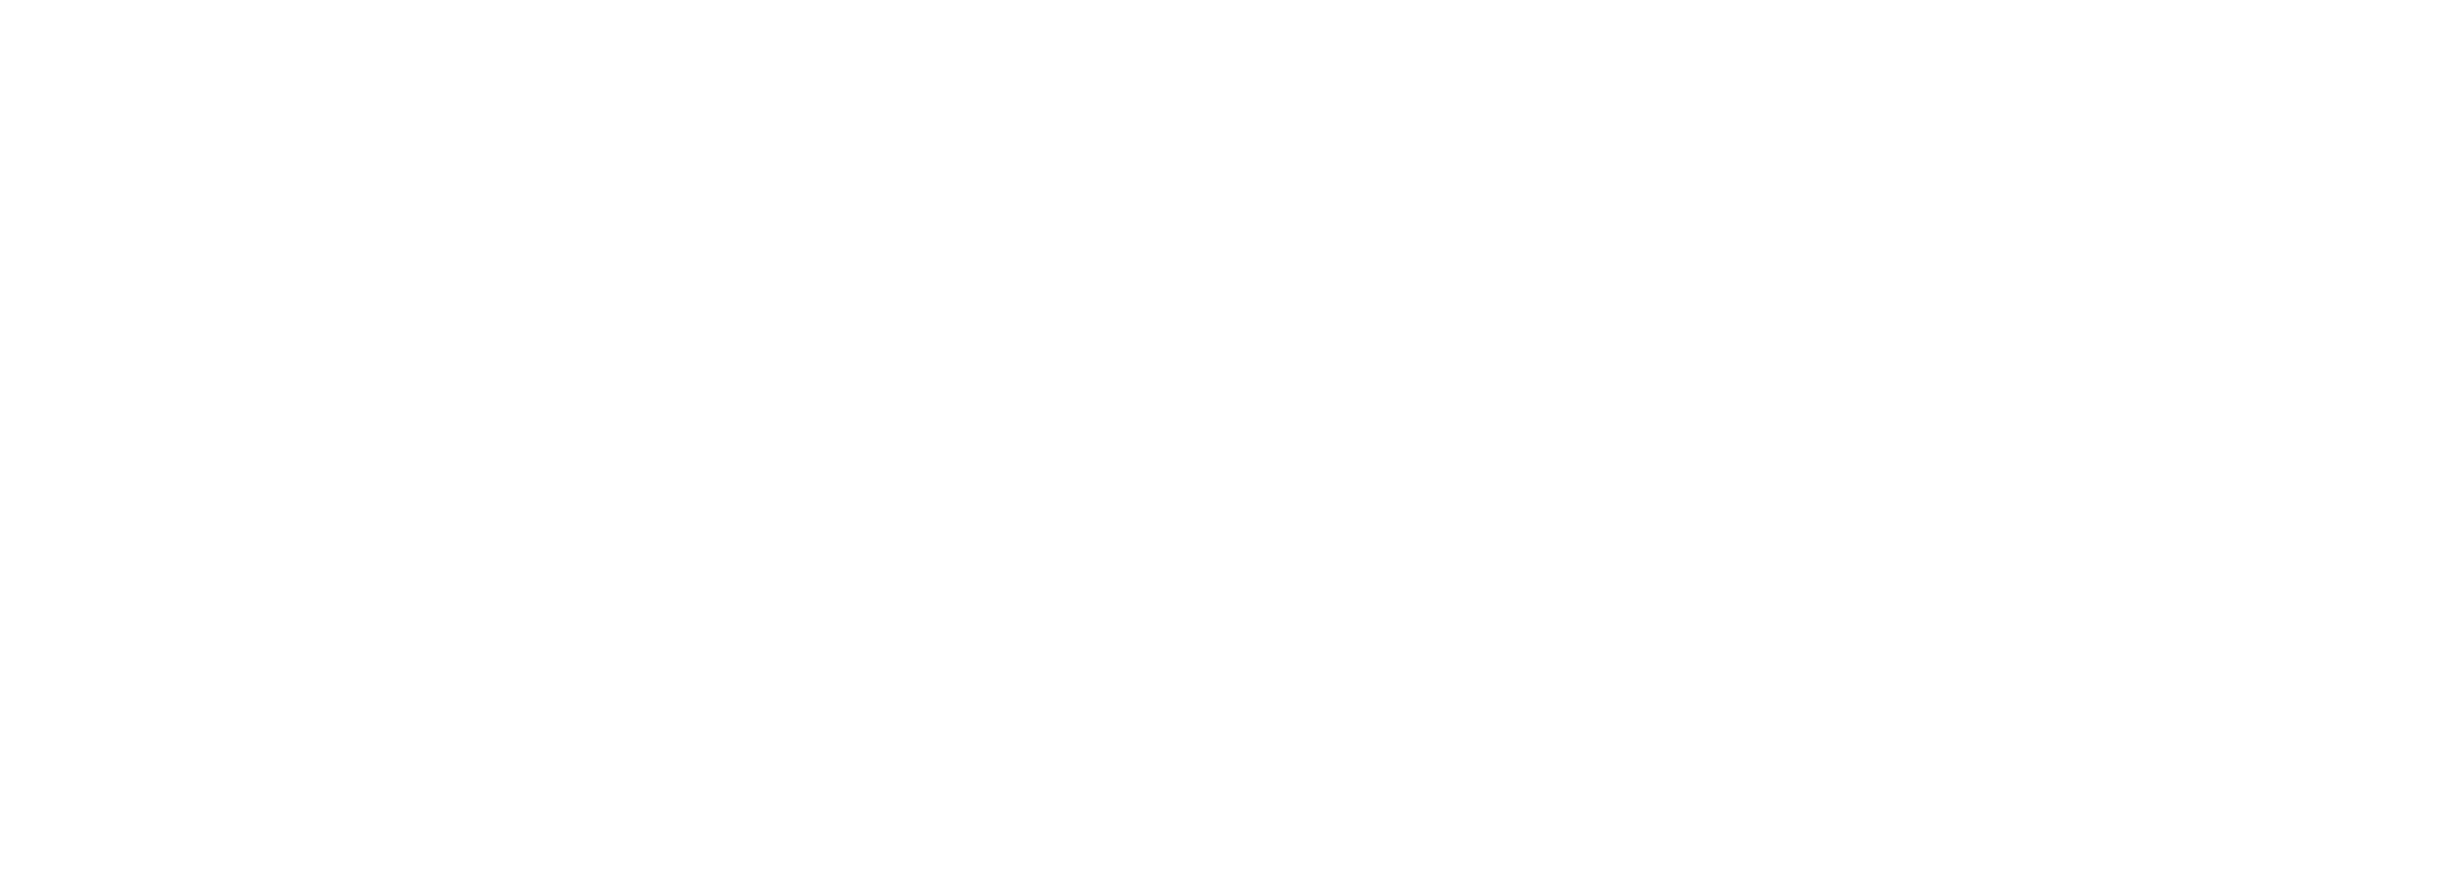 Brancheorganisatie voor uitzendbureaus